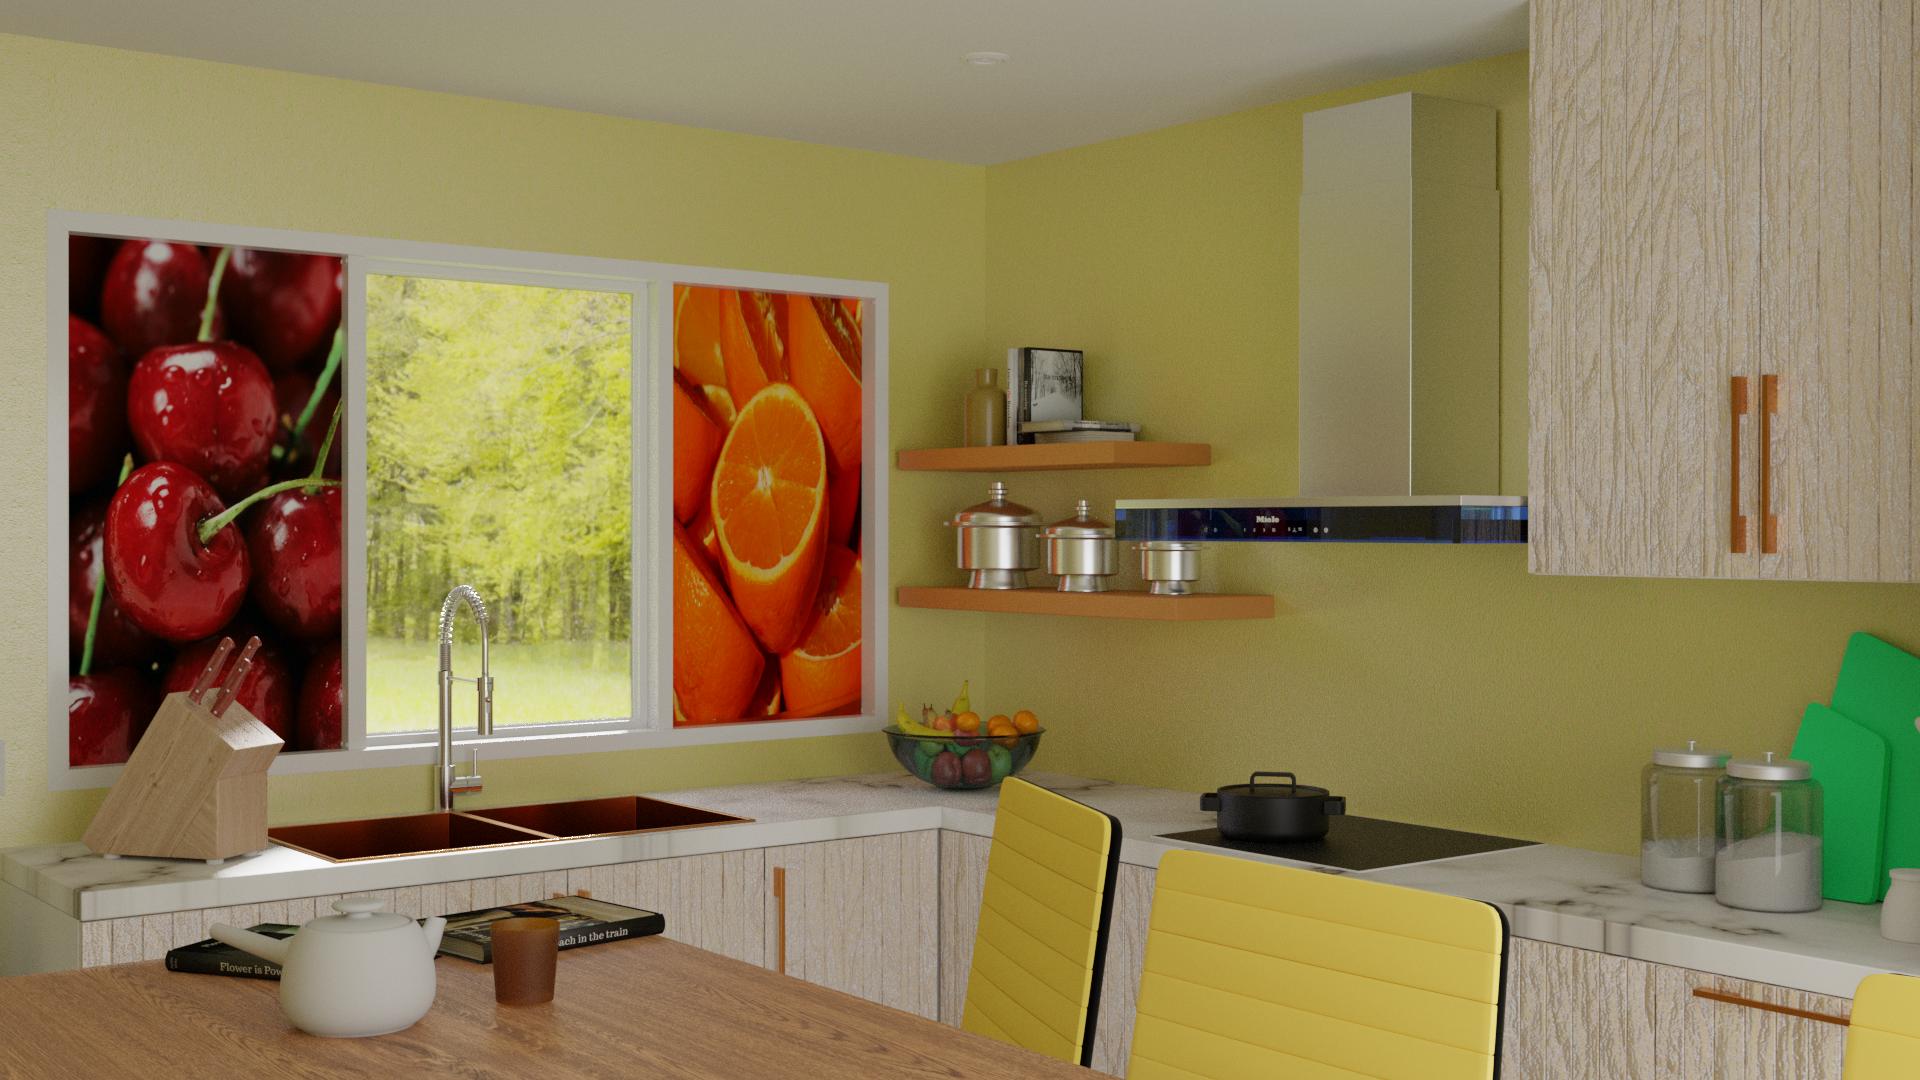 COLORFUL KITCHEN | Kitchens | Pinterest | Kitchen, Kitchen colors ...